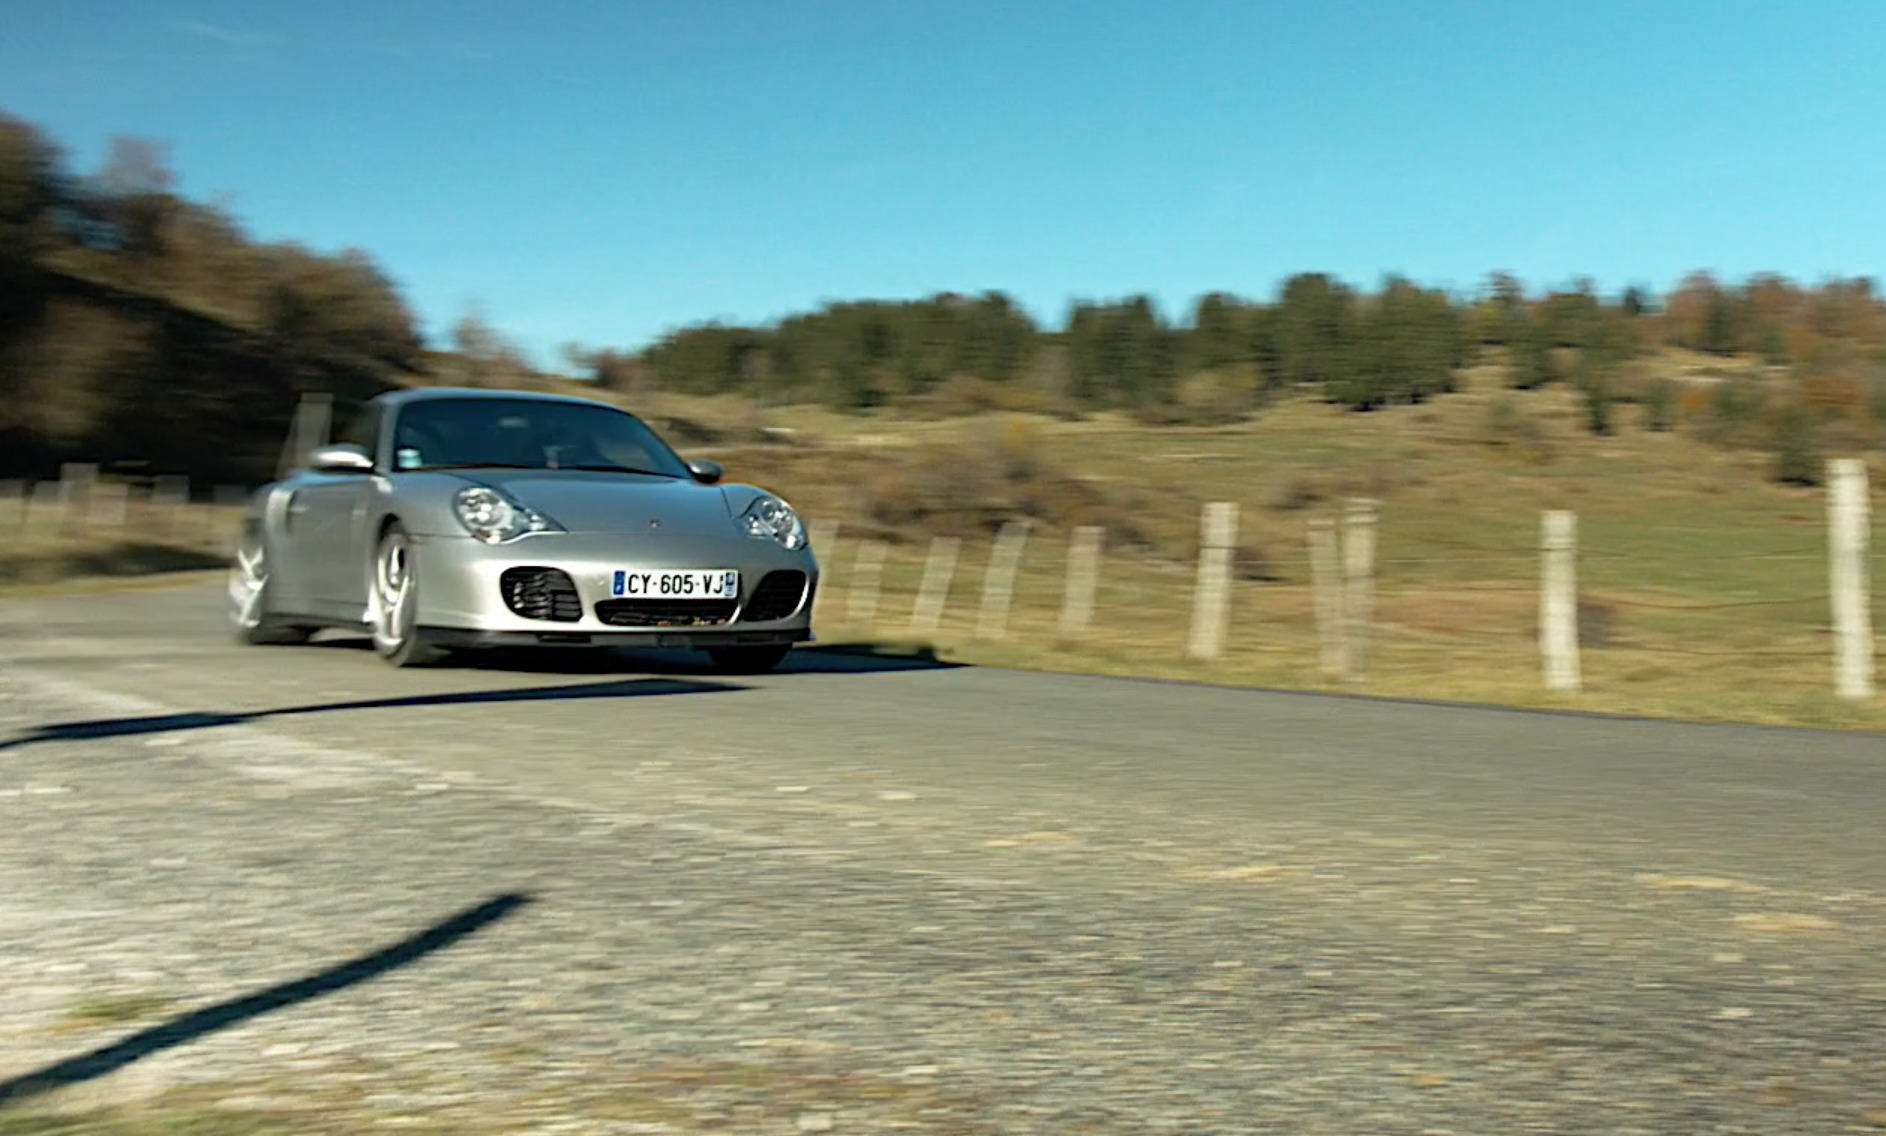 S0-video-la-minute-du-proprietaire-porsche-911-turbo-banal-bazooka-392663 Cozy Prix D'une Porsche 911 Gt1 Cars Trend